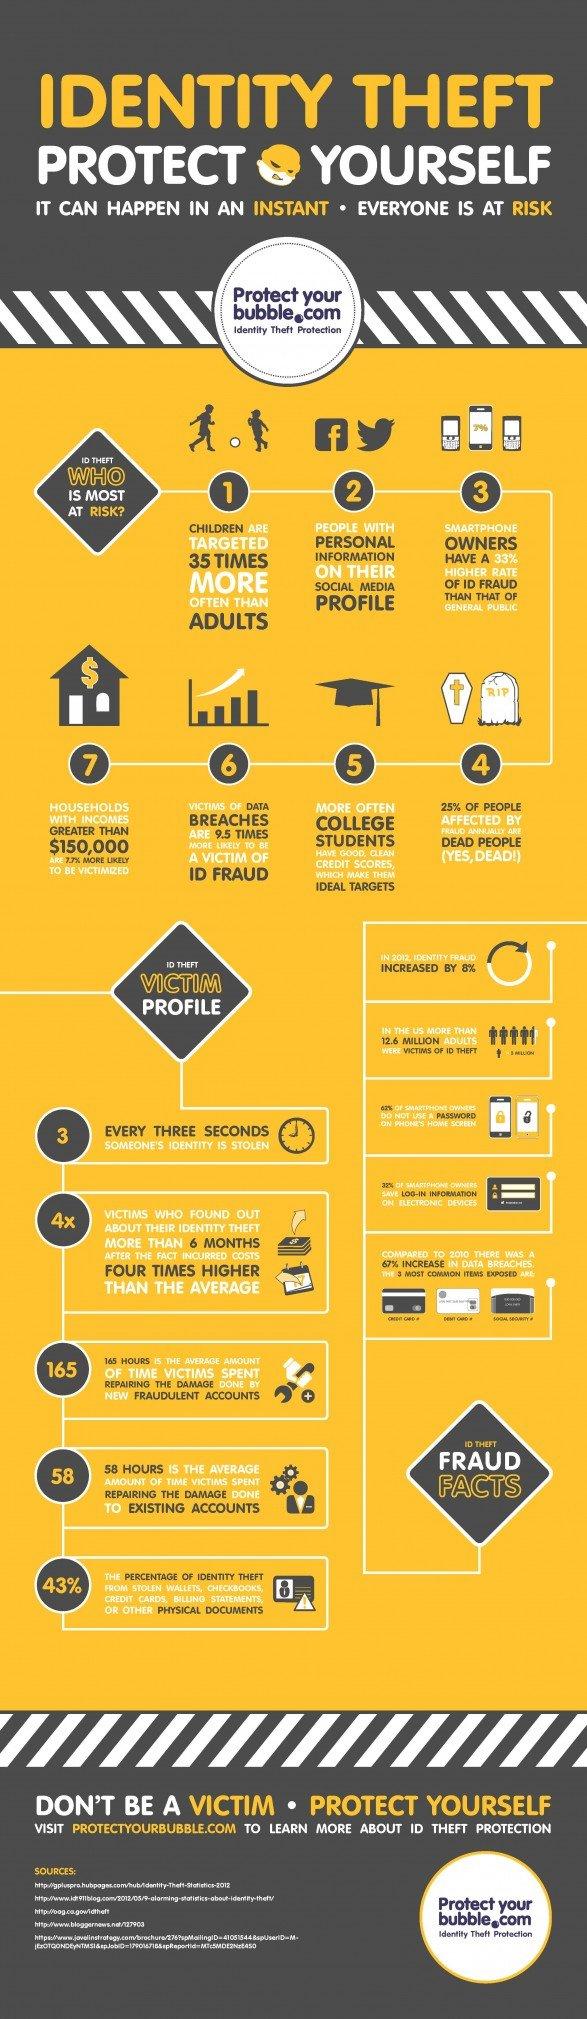 Identity theft #infographic